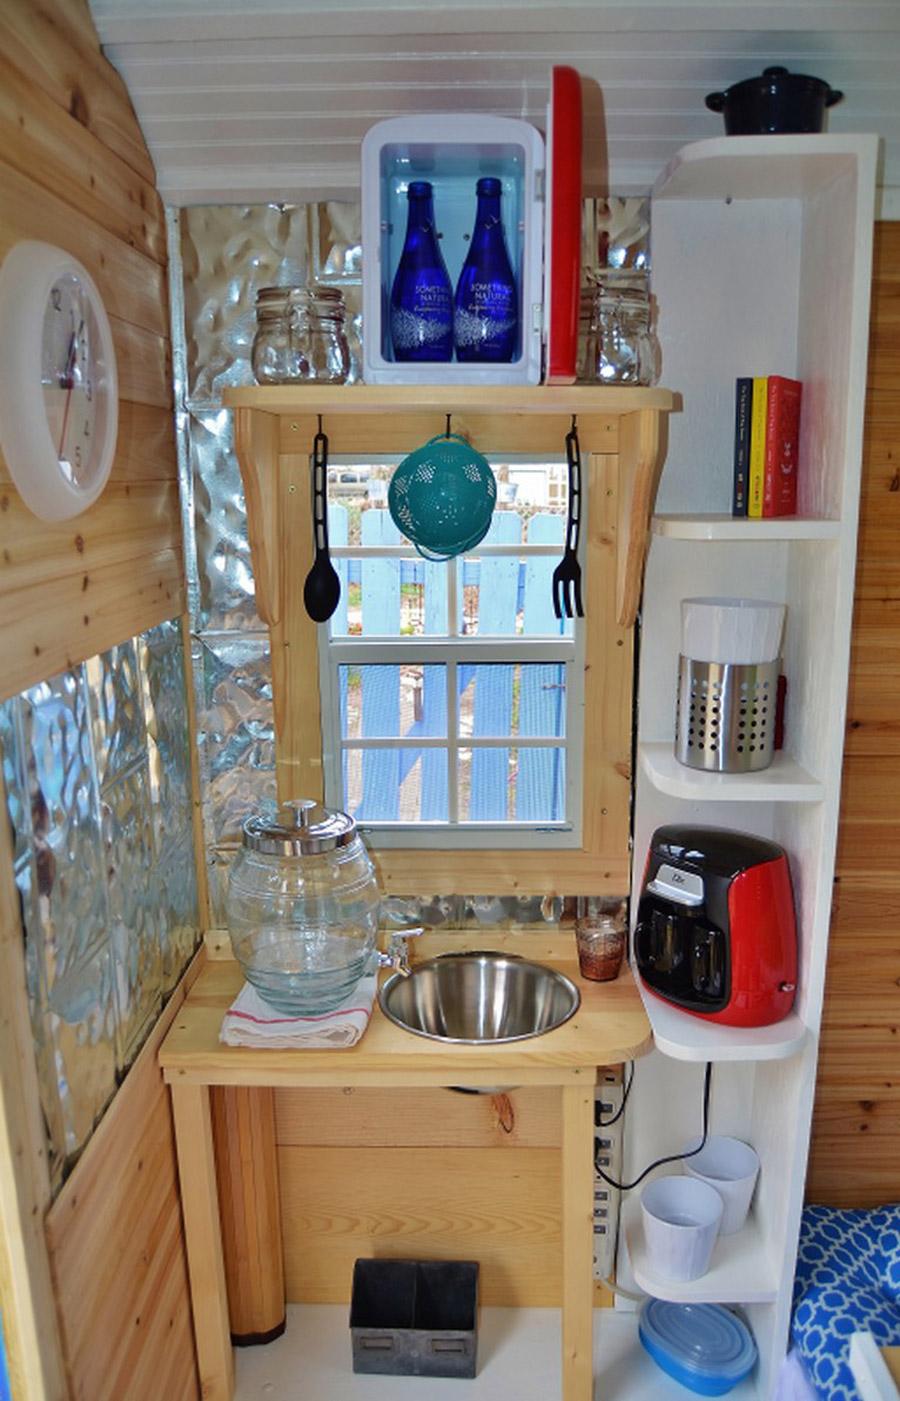 Small Kitchen Appliance Storage